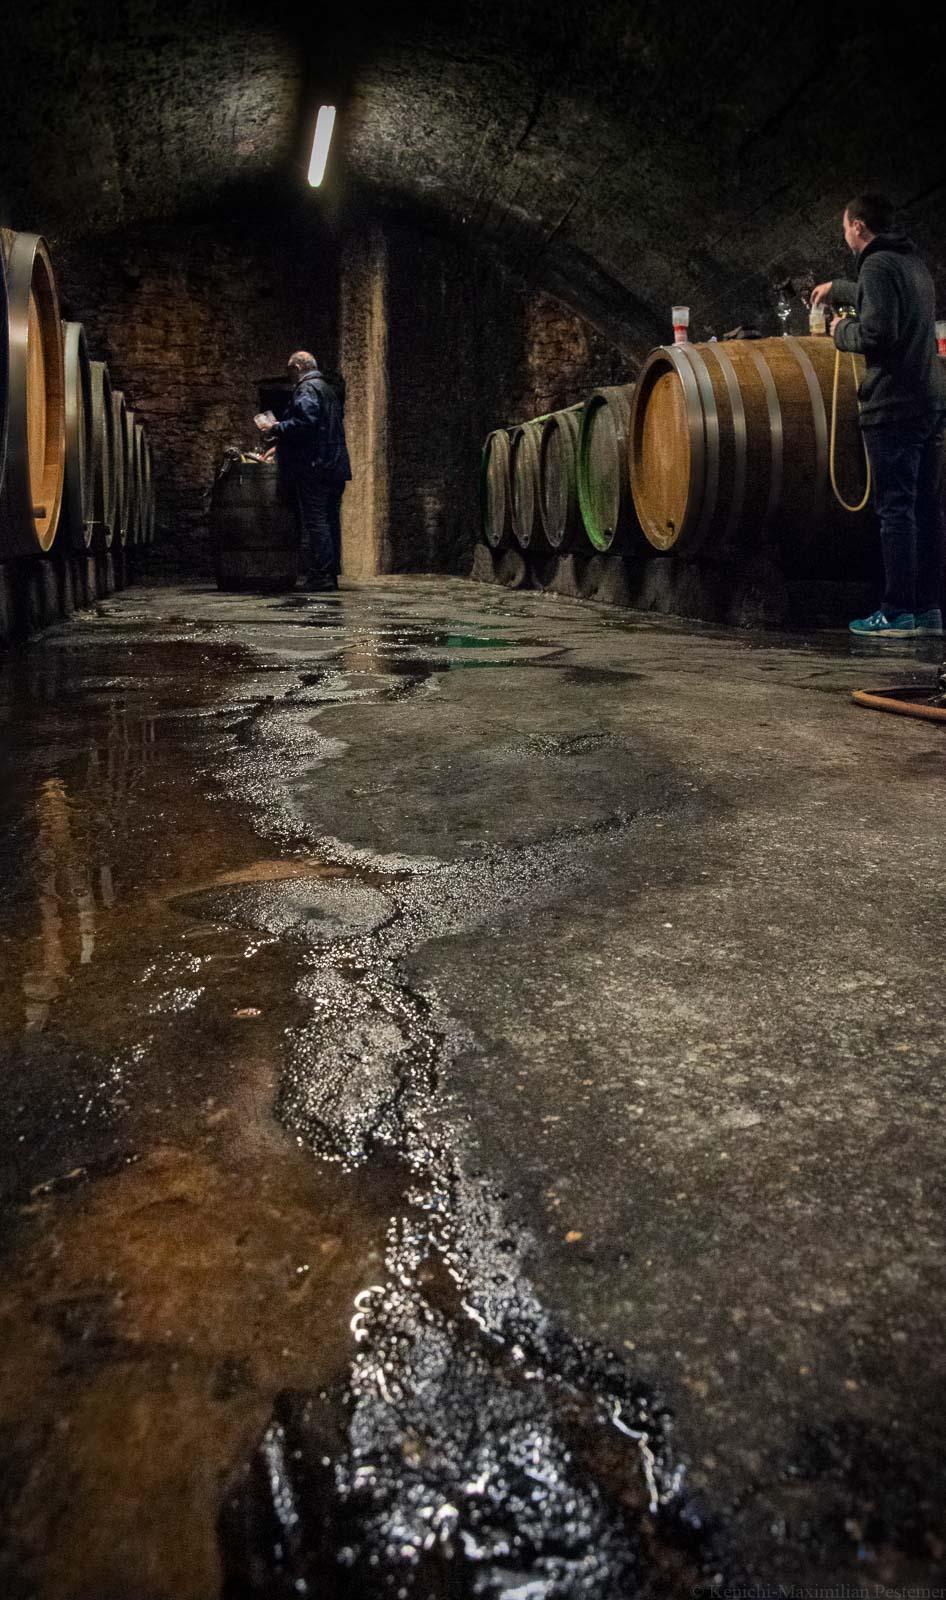 Martin und Stephan Schömann probieren in ihrem Tropfstein-Weinkeller ihre Rieslinge aus den alten Weinfässern.